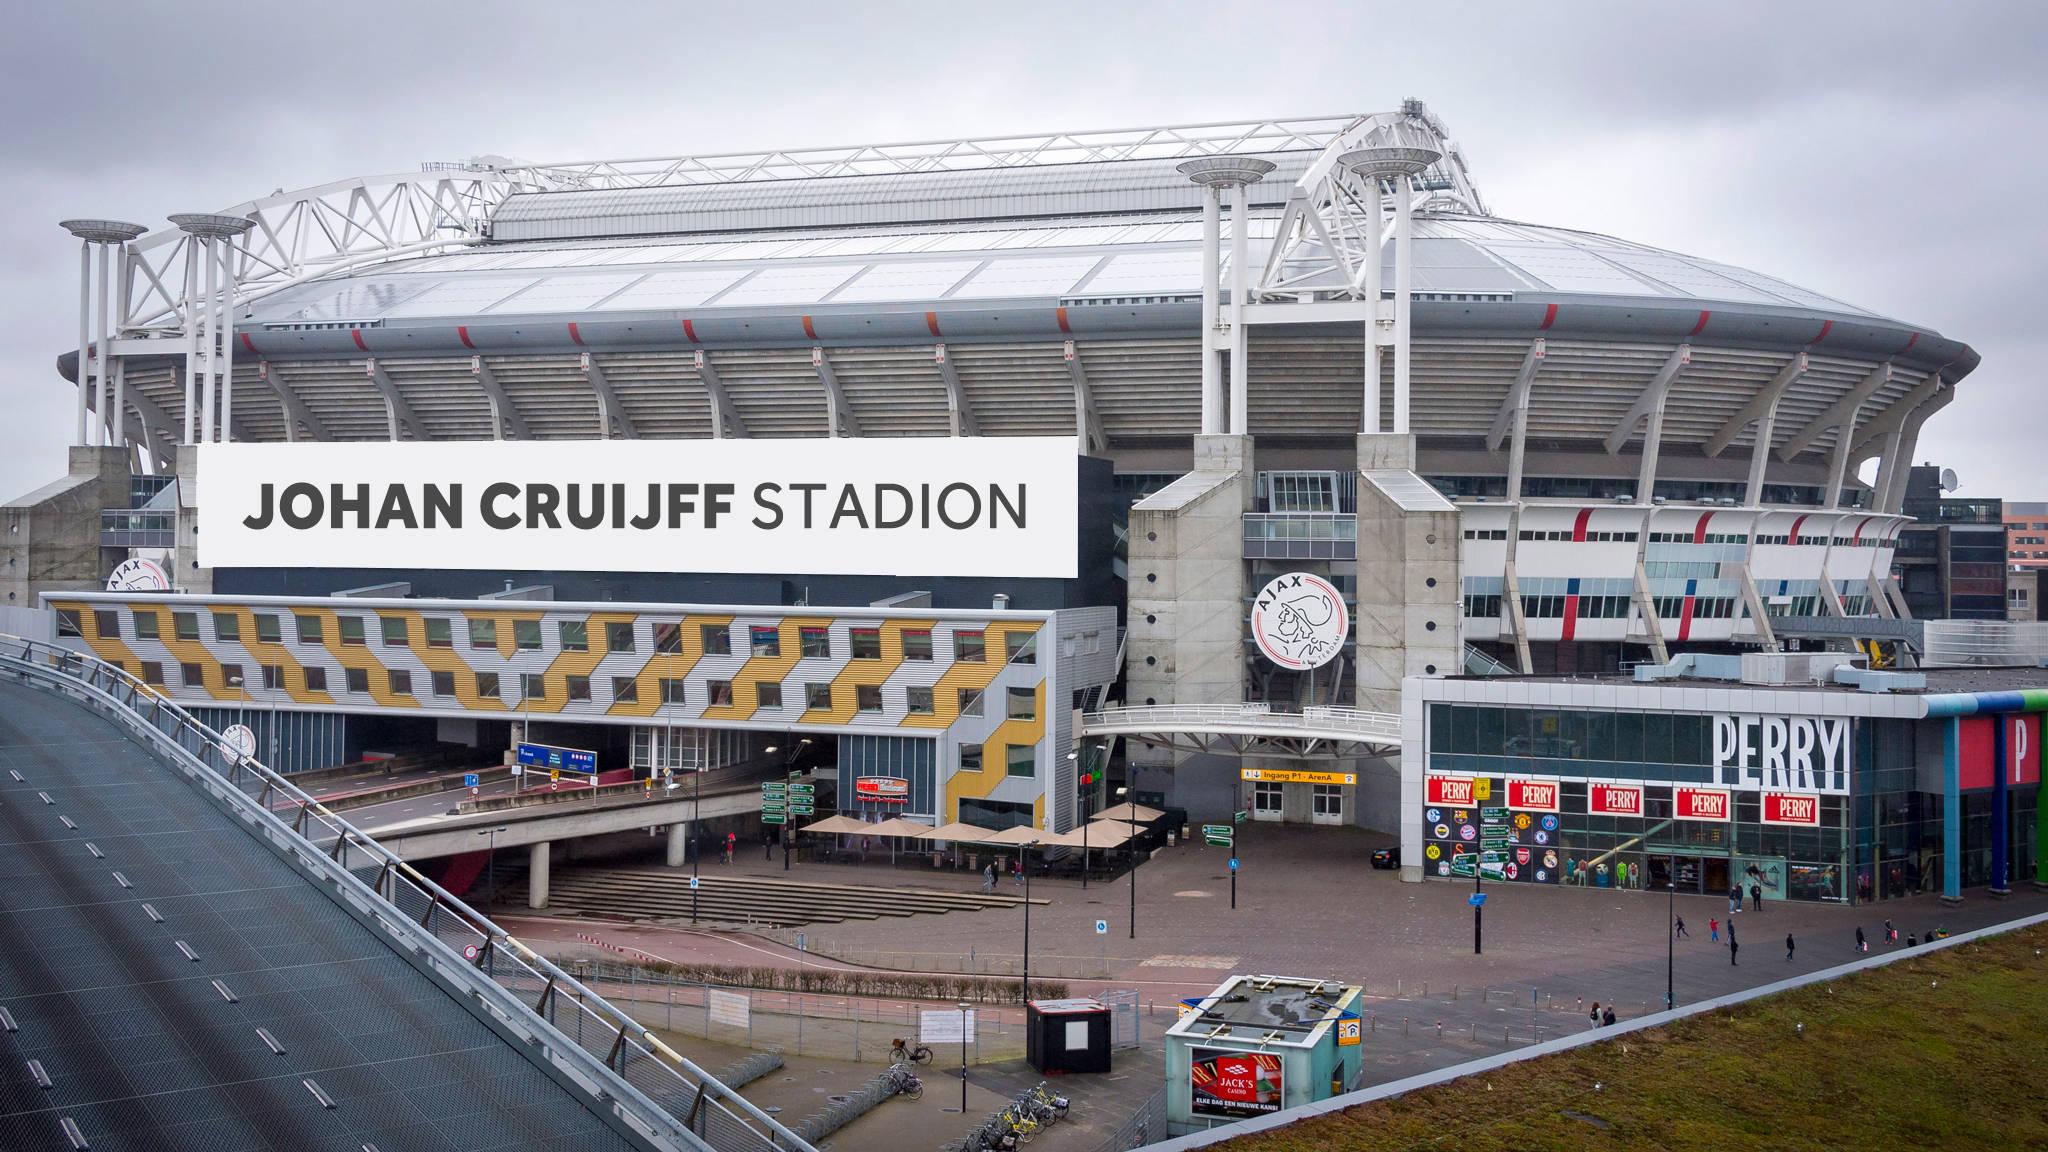 Google Sketch Waarom Heet De Arena Nog Geen Johan Cruijff Stadion Nos